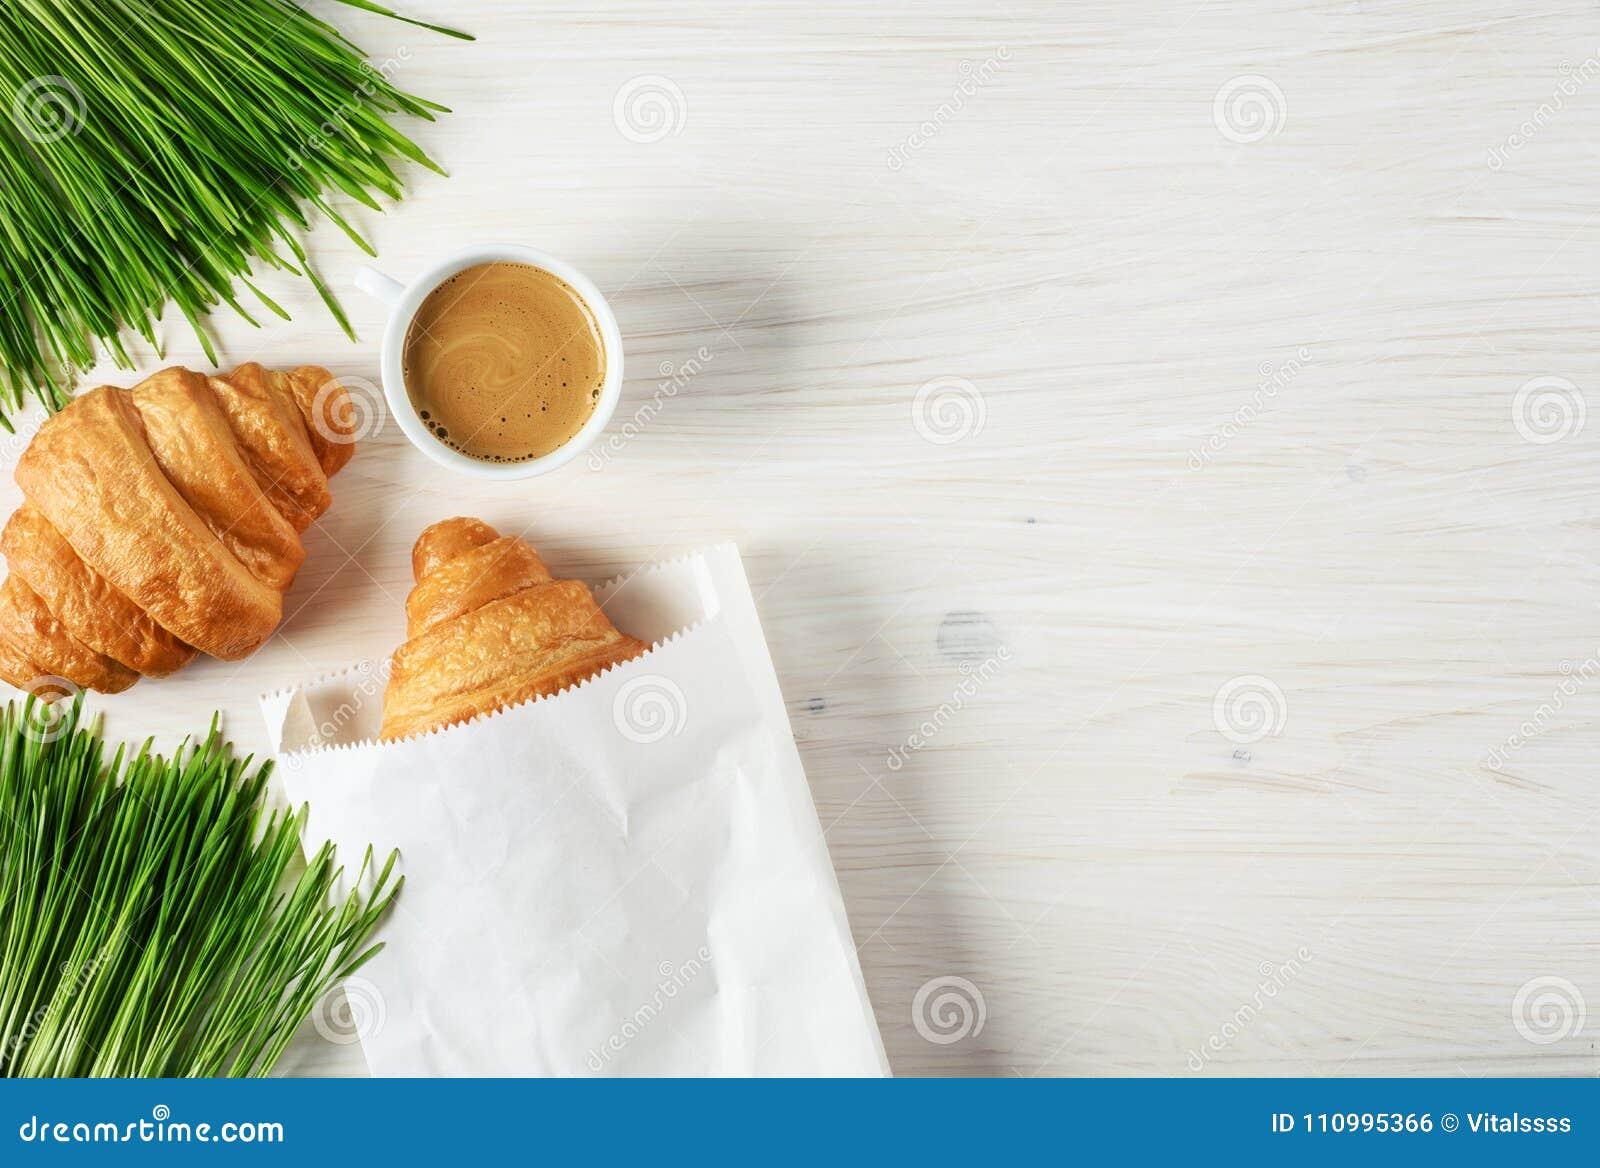 新月形面包、咖啡和发芽的麦子在木背景